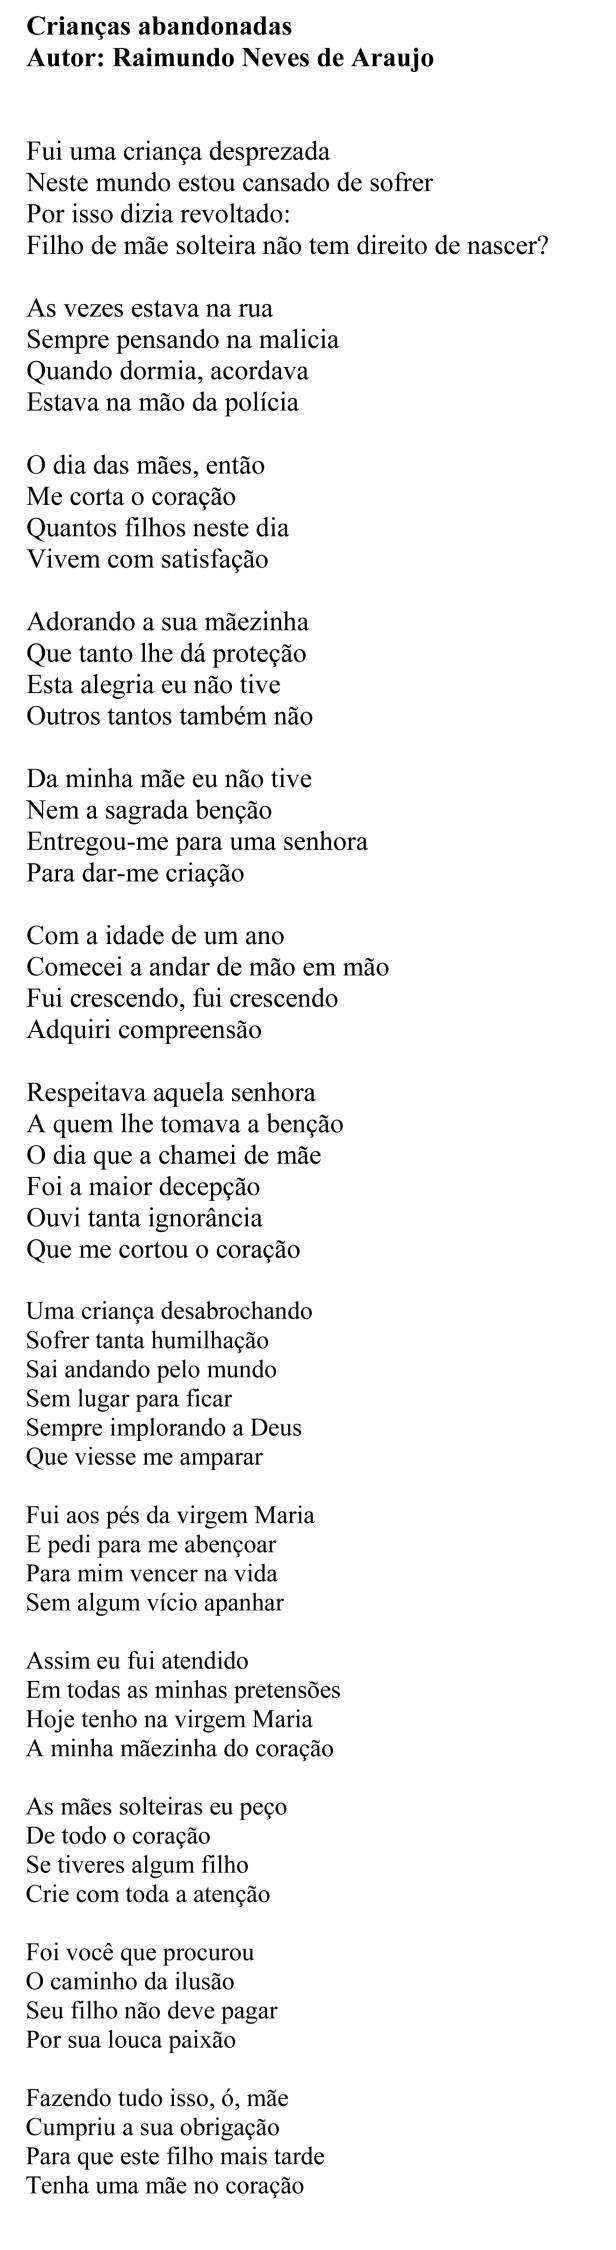 Crianças abandonadas - Raimundo Neves-1.jpg